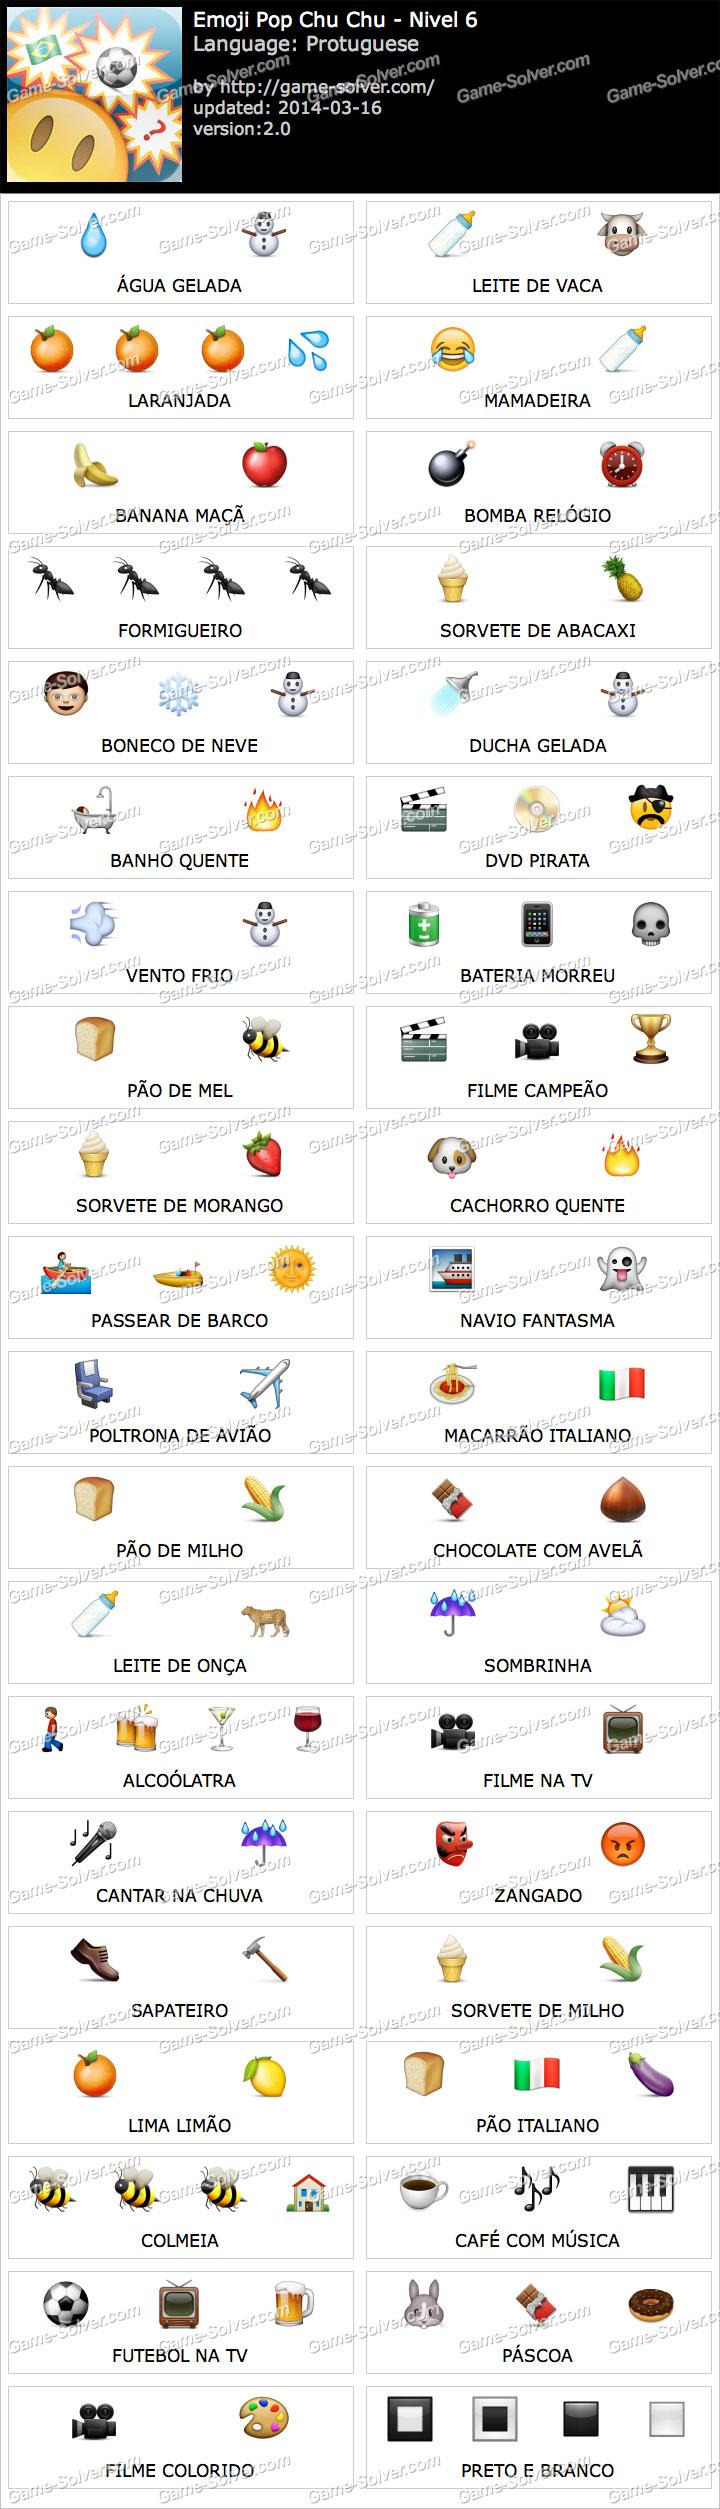 Emoji ChuChu Nivel 6